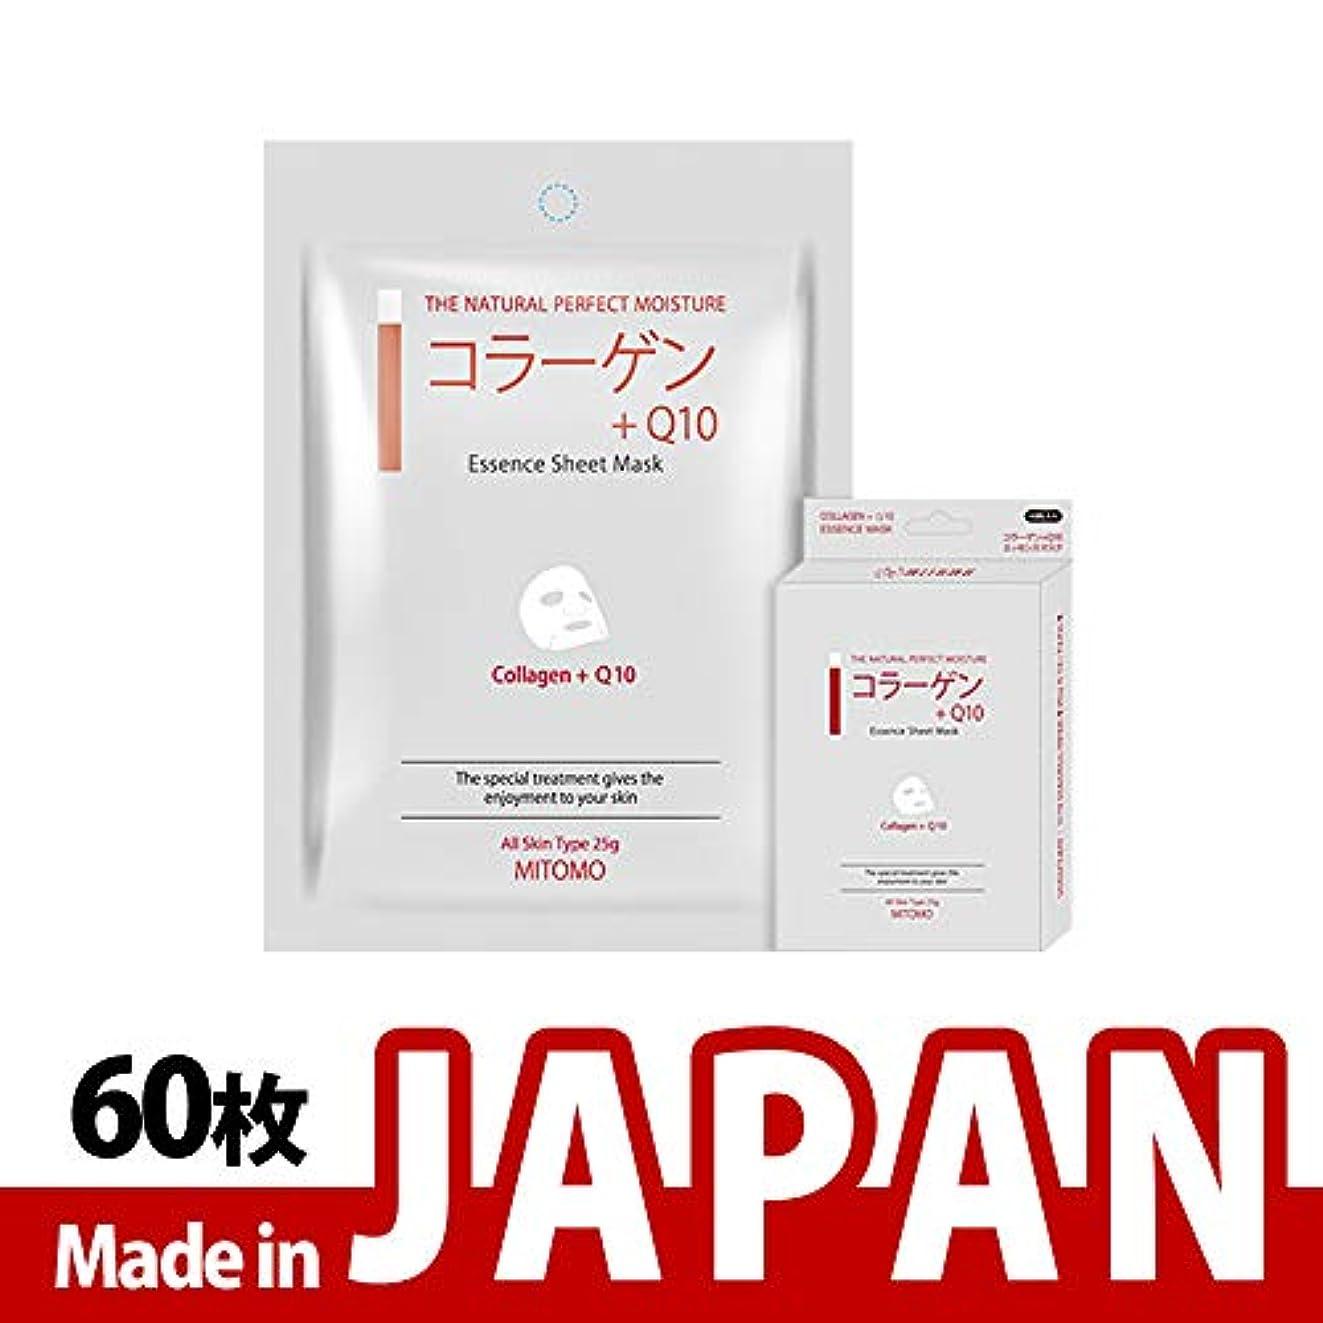 定刻アンソロジー幸運MITOMO【MC001-A-1】日本製シートマスク/10枚入り/60枚/美容液/マスクパック/送料無料